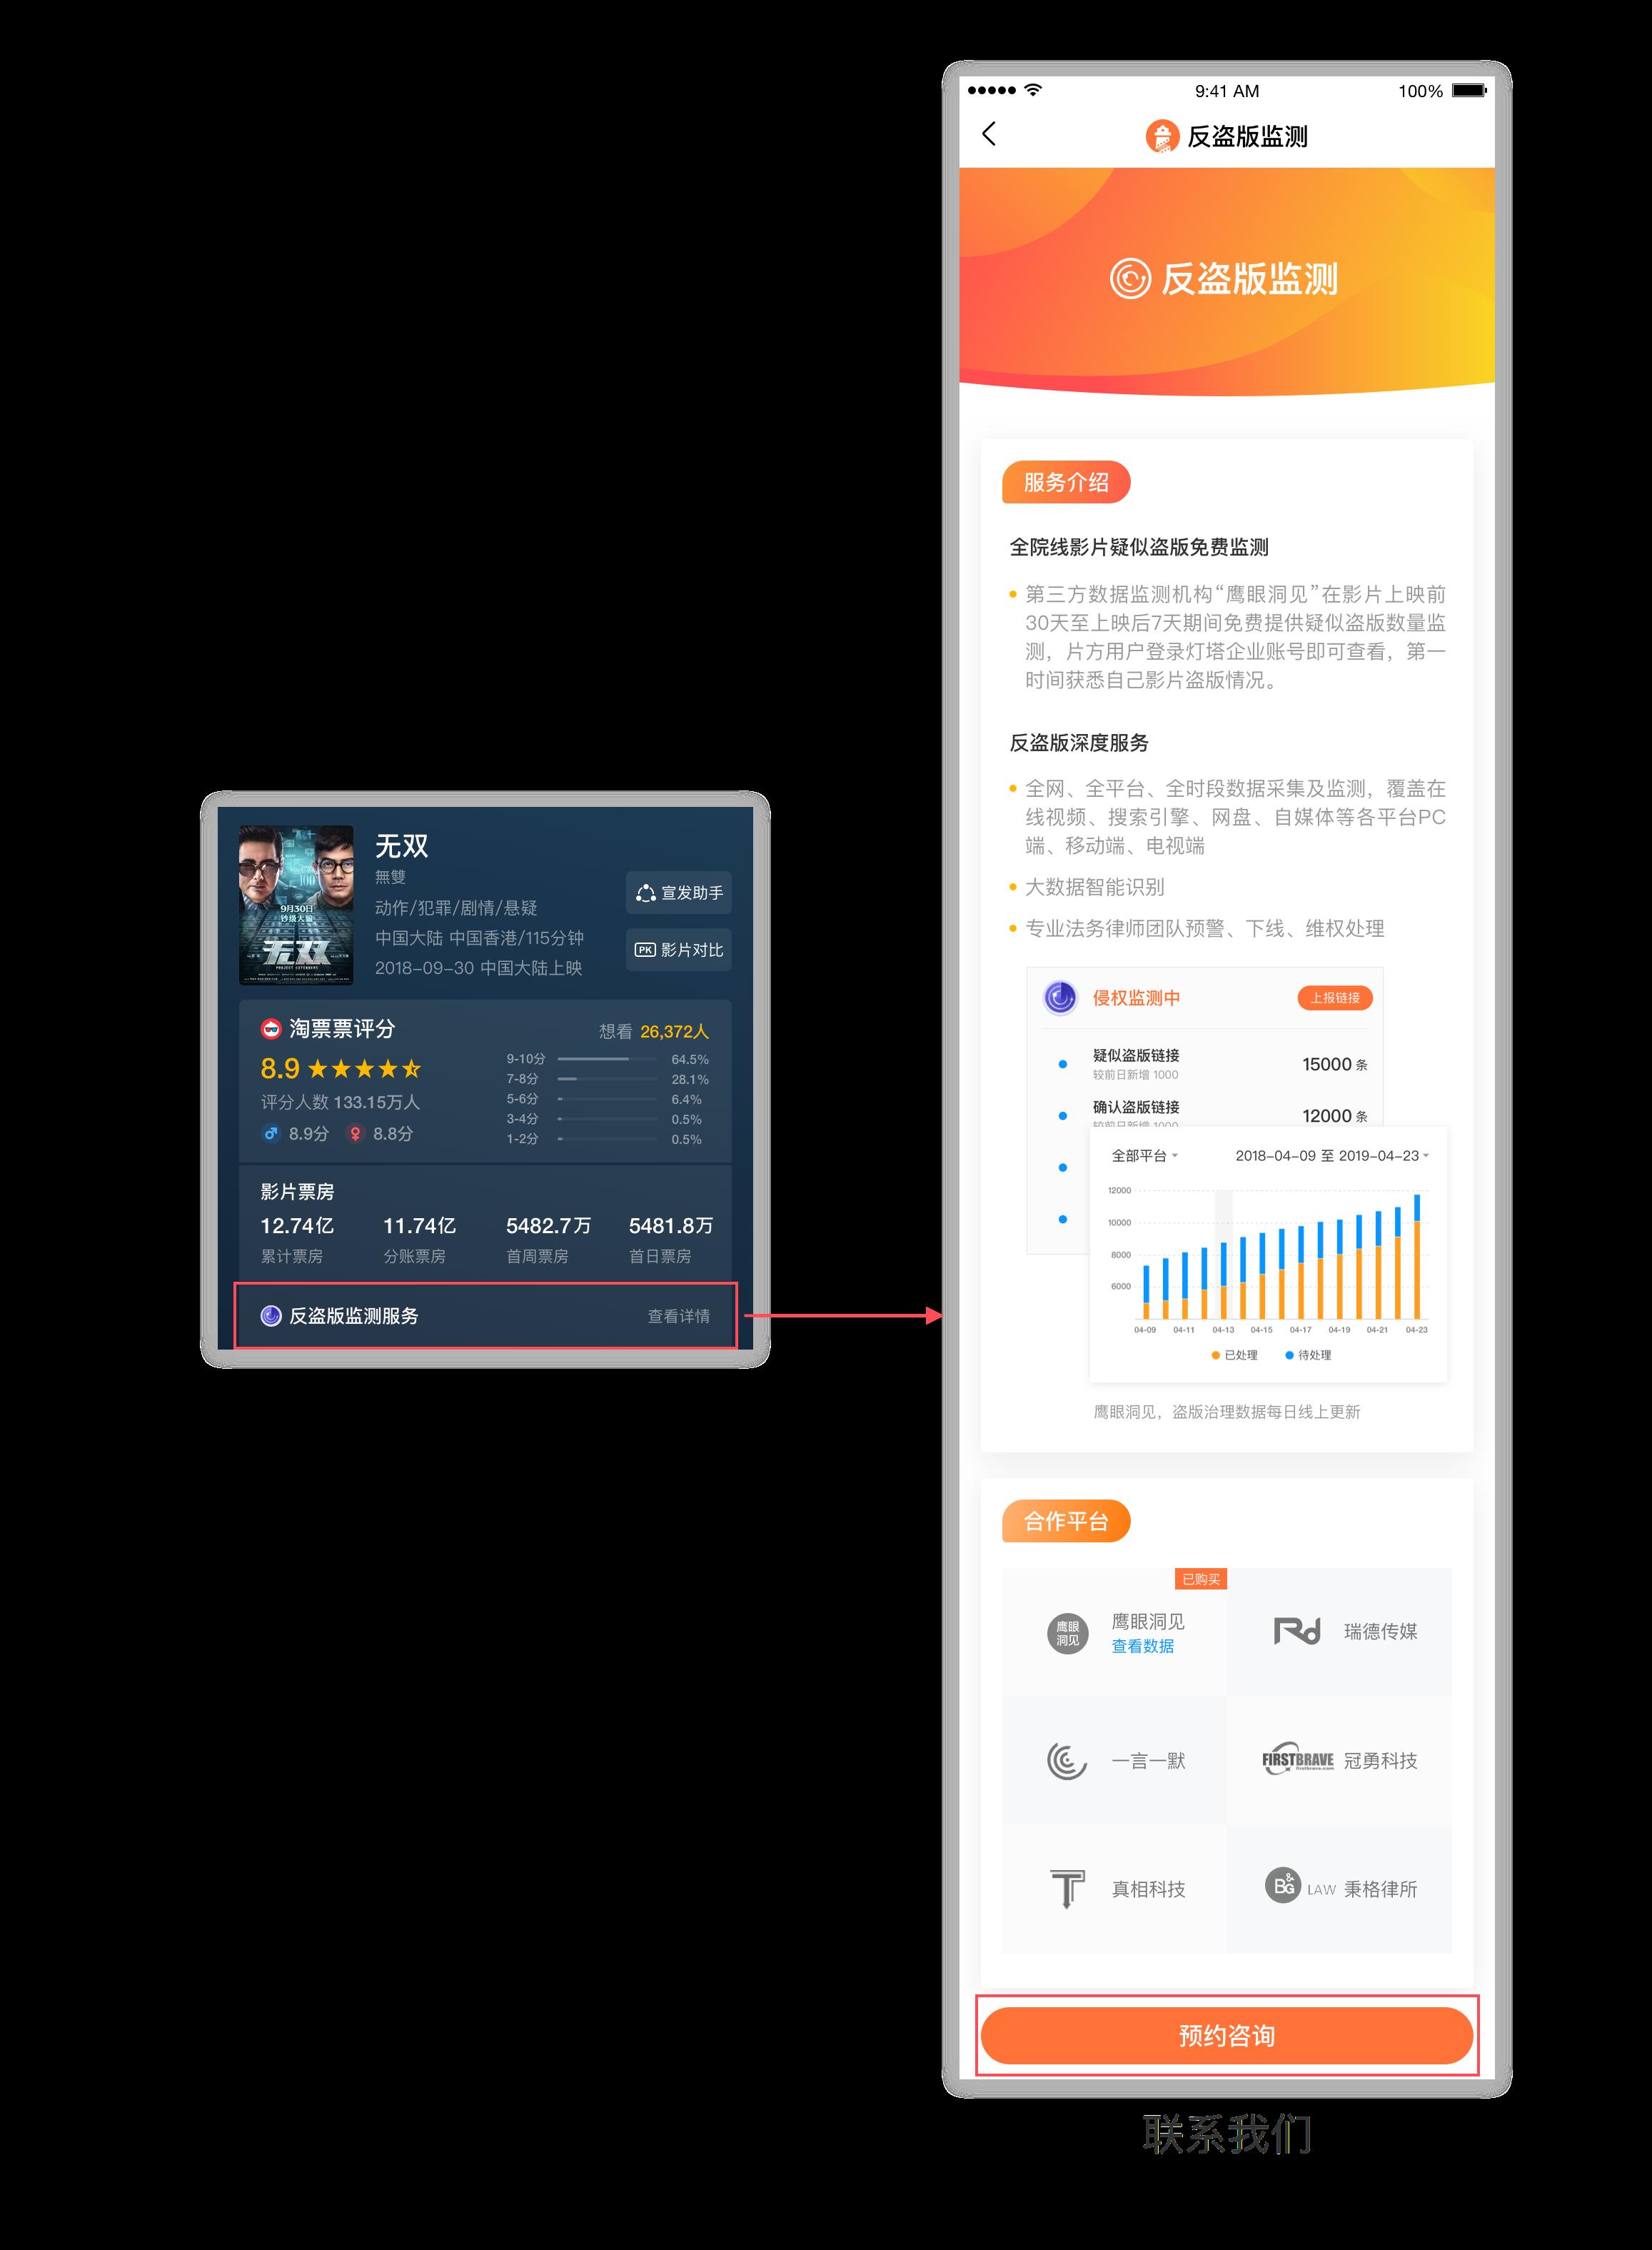 灯塔×优酷打造盗版监测系统,为片方实时更新反盗版数据